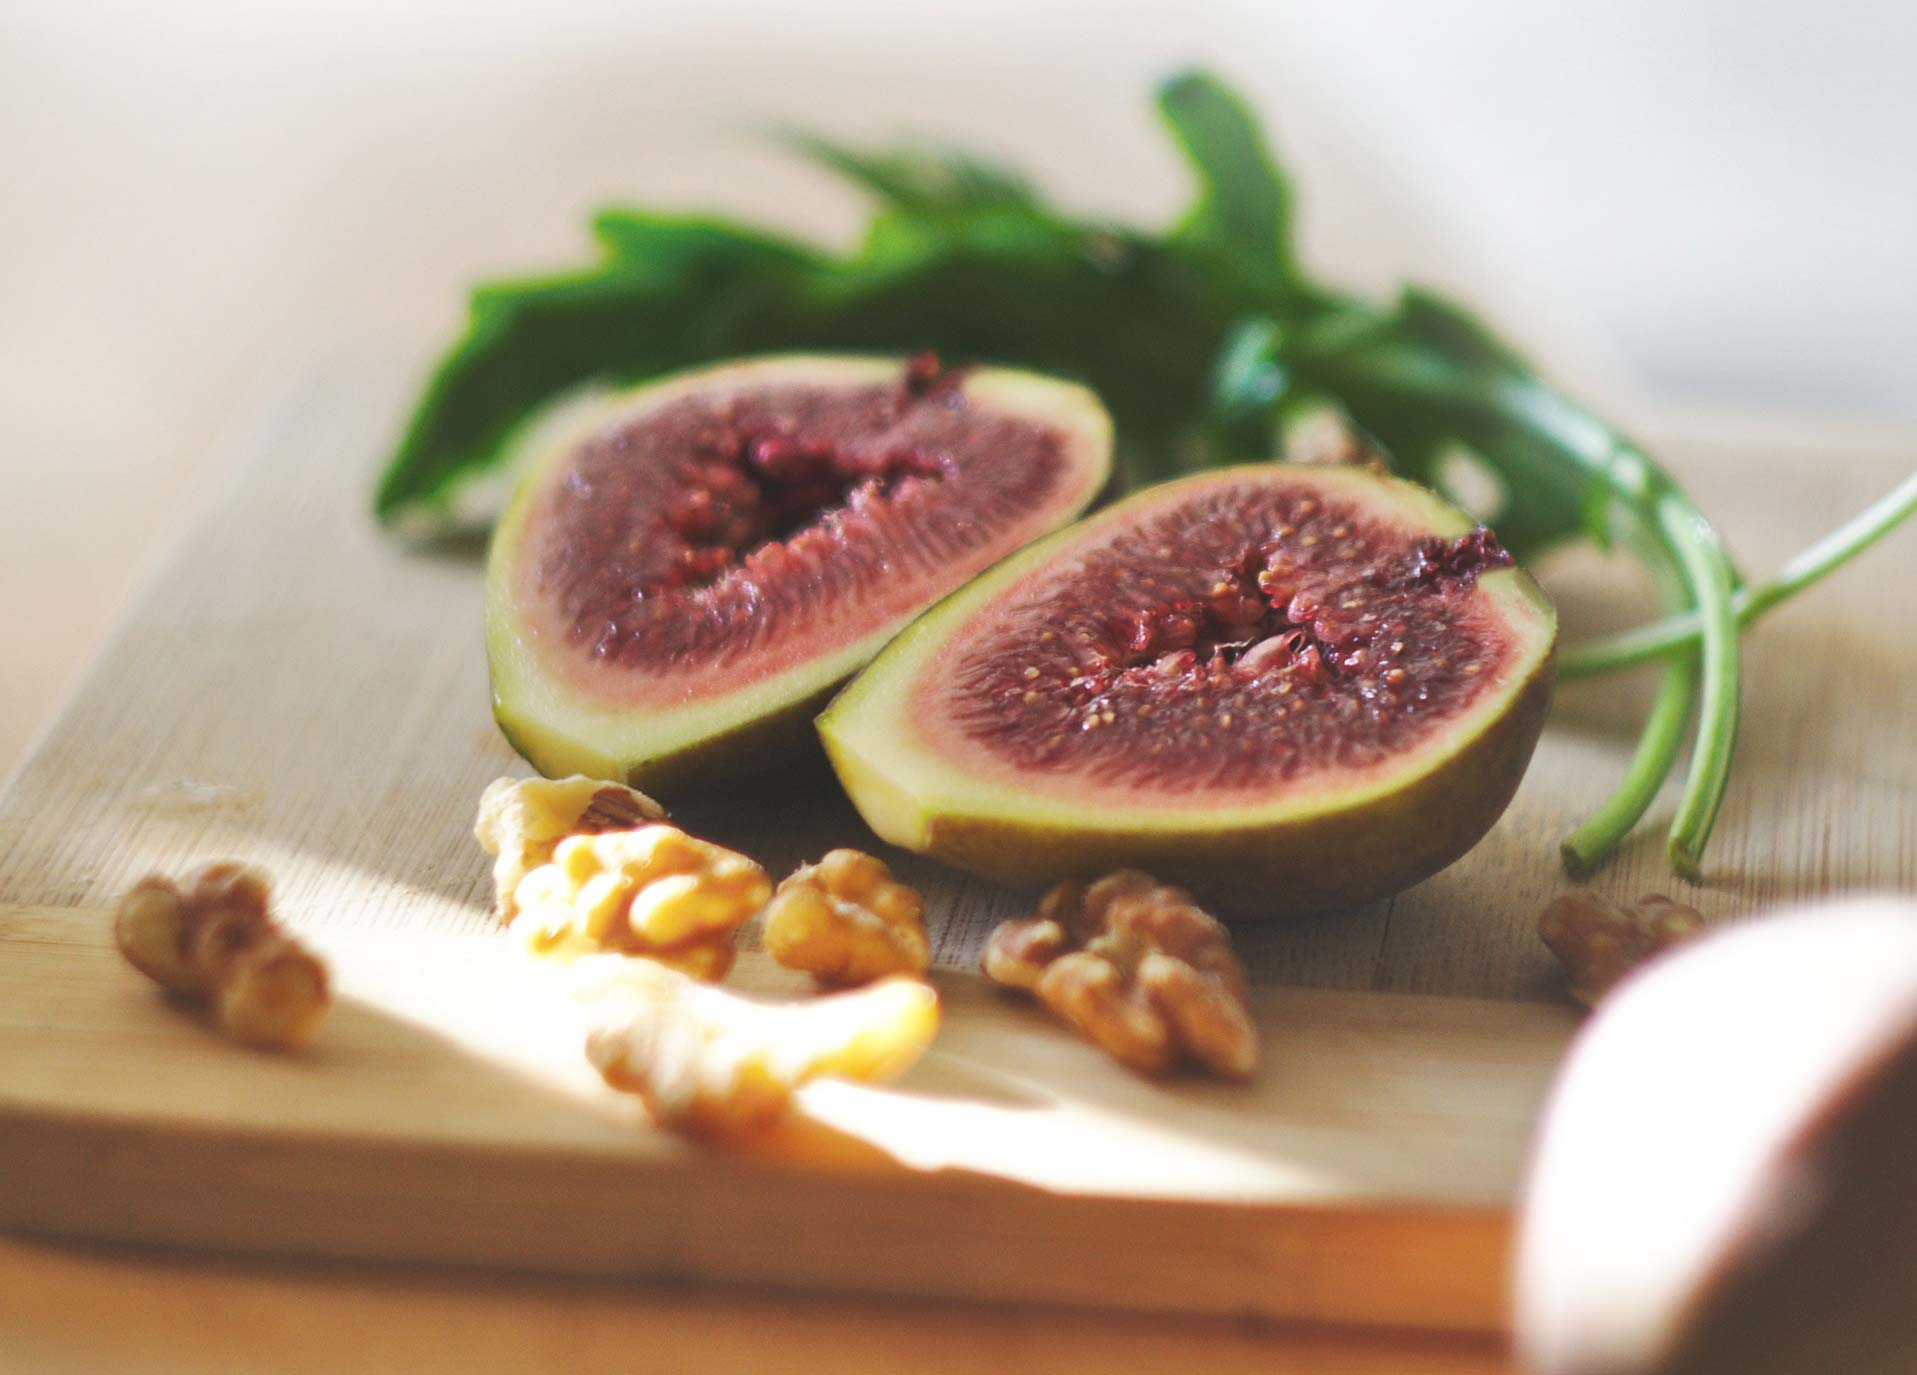 Sladke fige s pridihom poletnega sonca